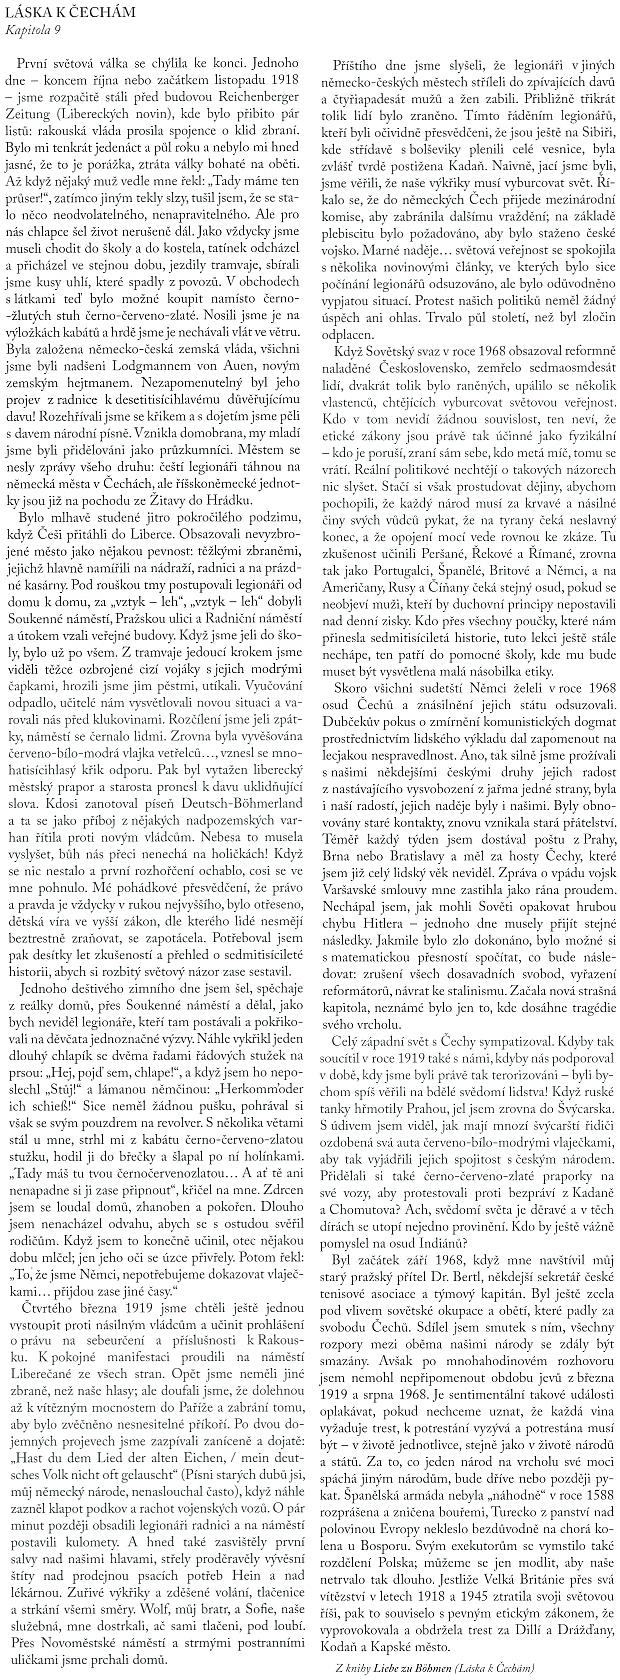 Český překlad kapitoly z jeho knihy Liebe zu Böhmen (1970), tj. Láska k Čechám